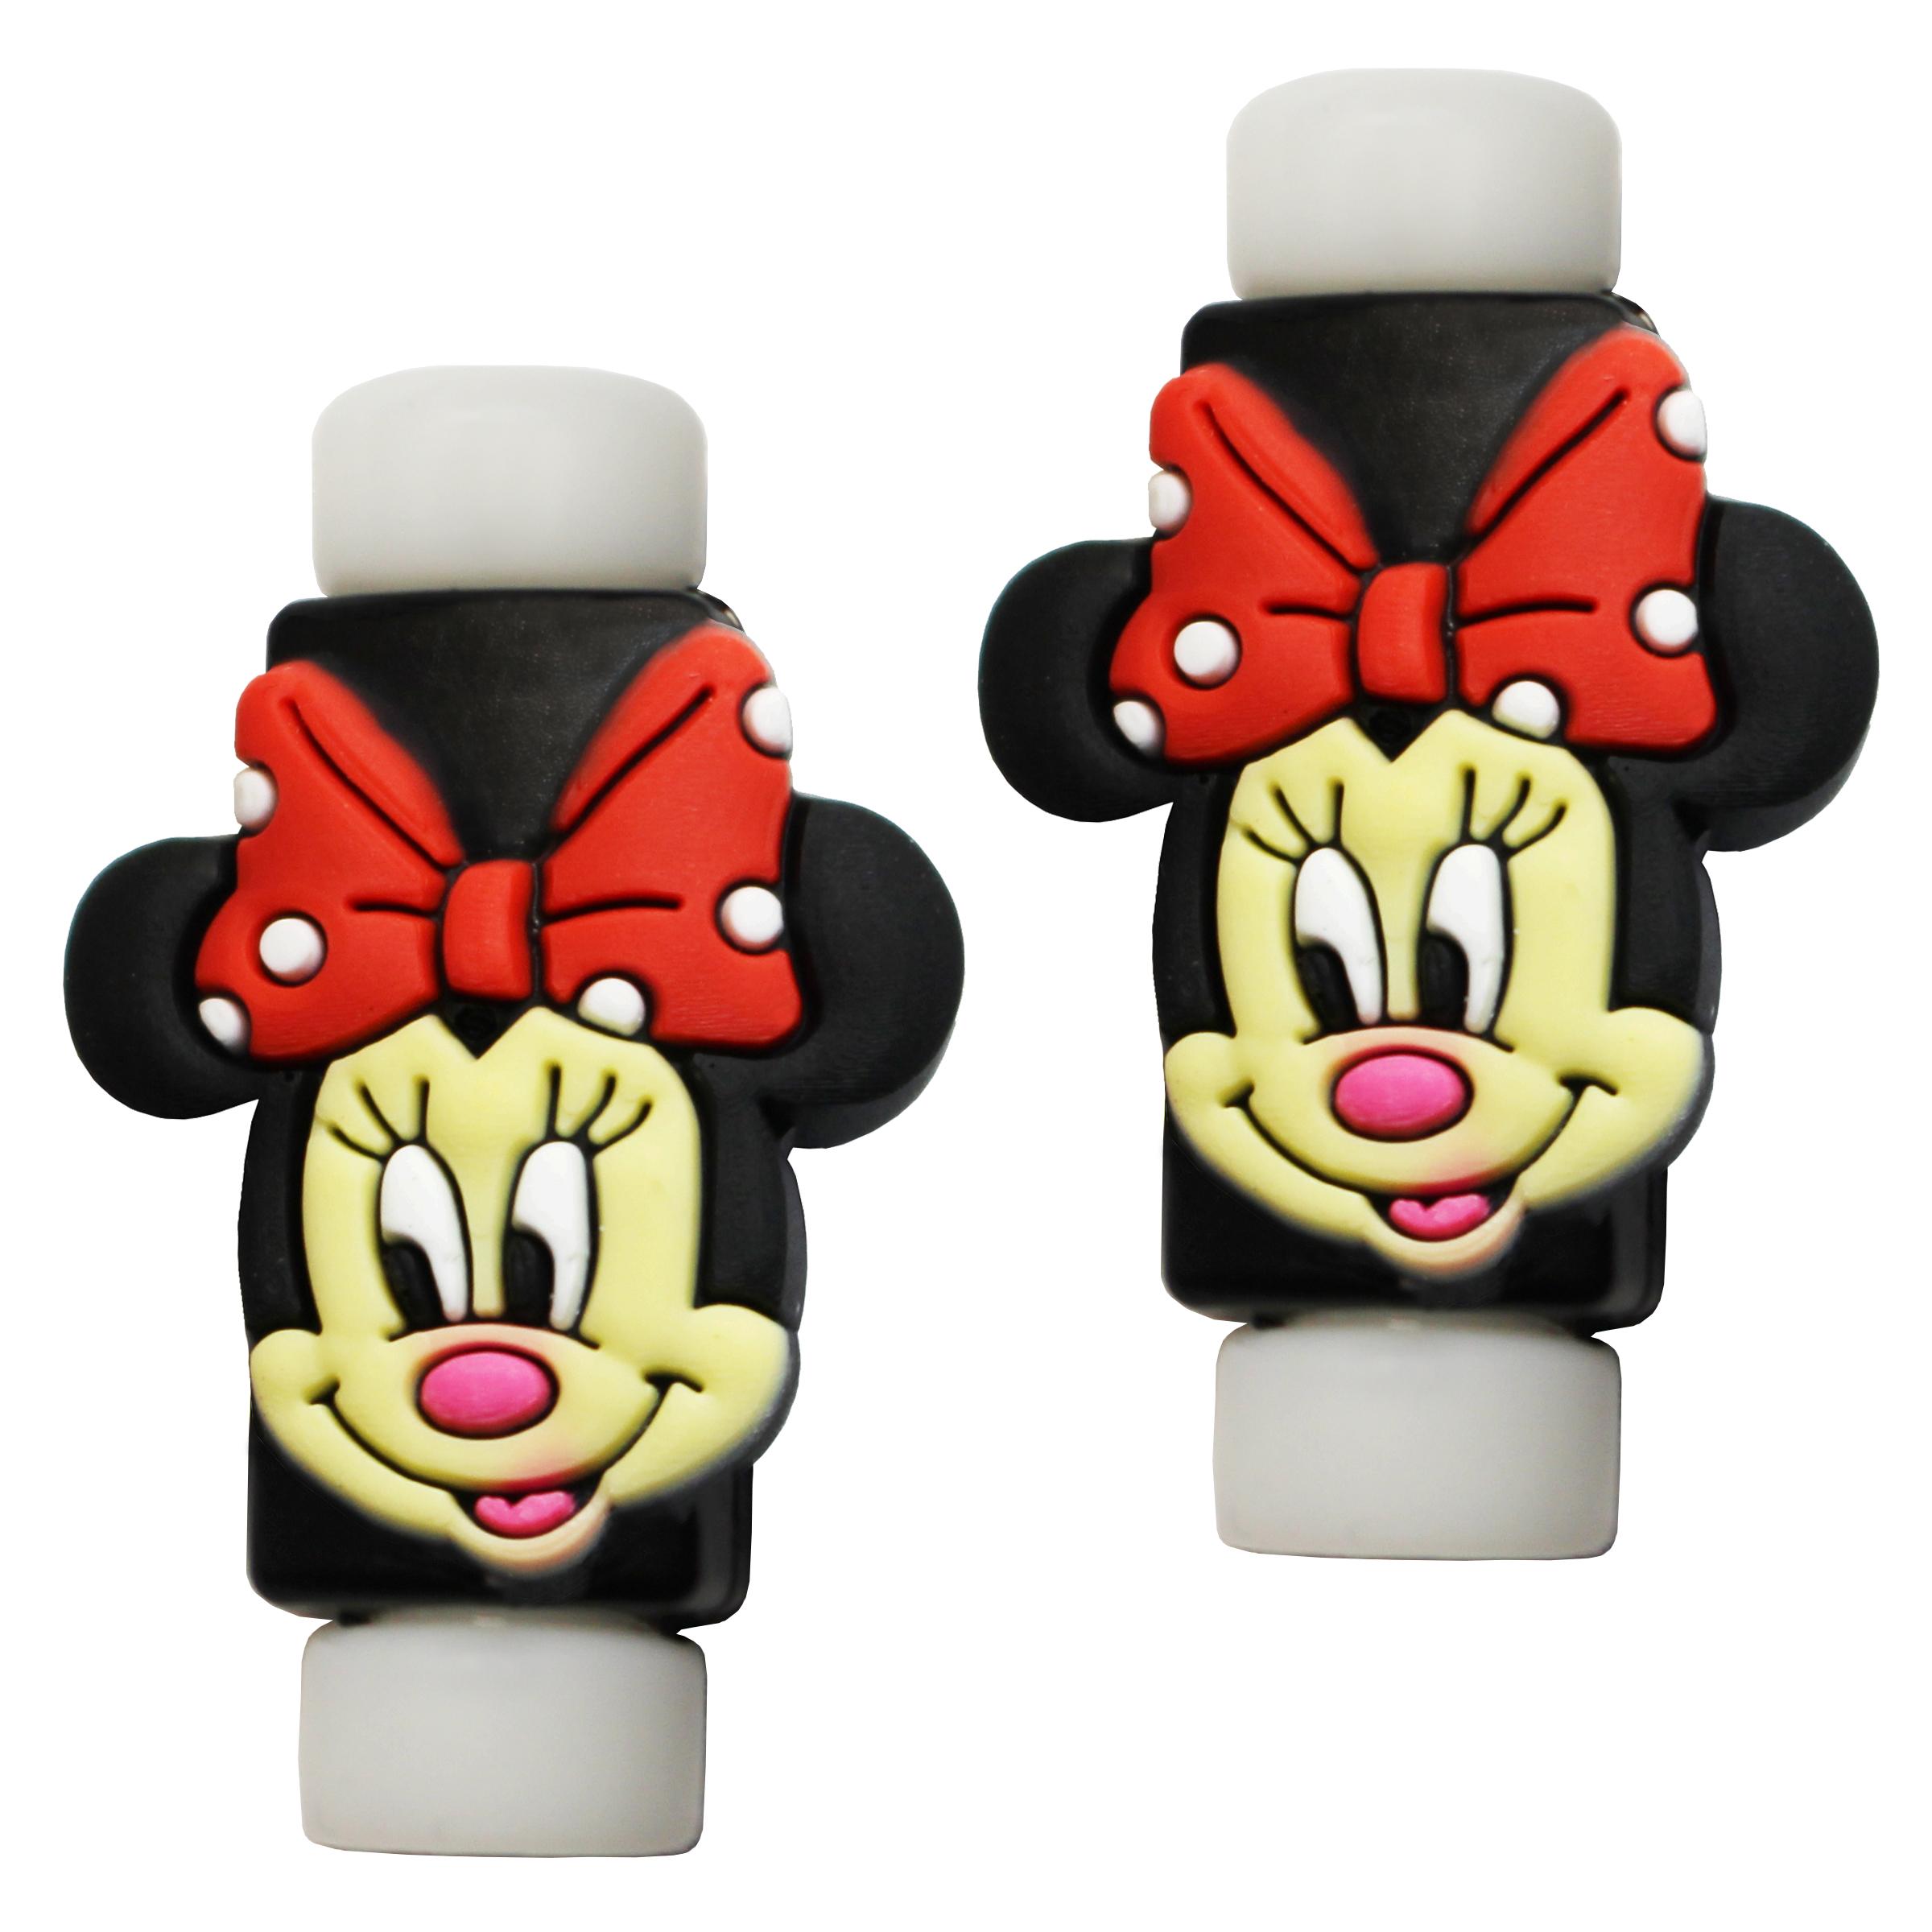 بررسی و {خرید با تخفیف} محافظ کابل طرح Minnie Mouse کد 3312 بسته 2 عددی اصل